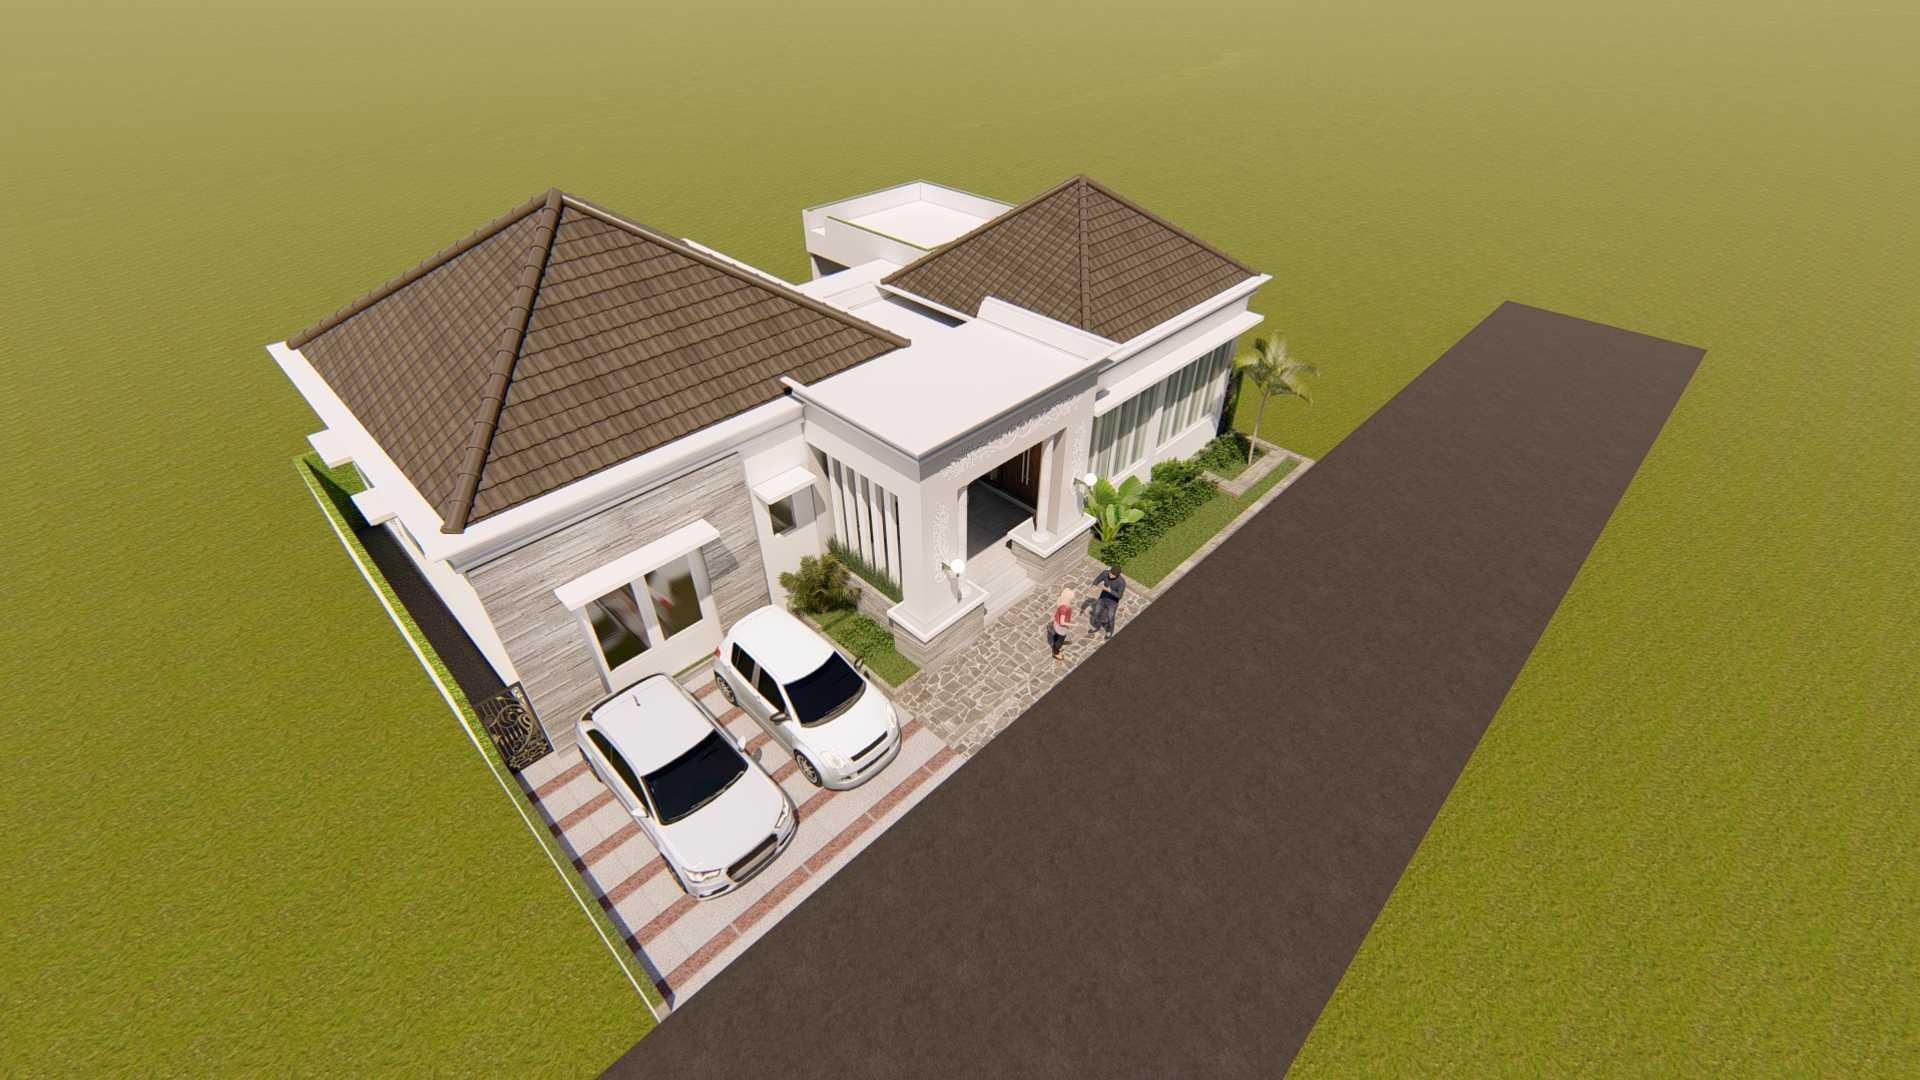 Astabumi Studio Pr House Tegal Tegal, Kota Tegal, Jawa Tengah, Indonesia Yogyakarta Cv-Astabumi-Manunggal-Prakarsa-Jto-Jogja-Trade-Office  119472